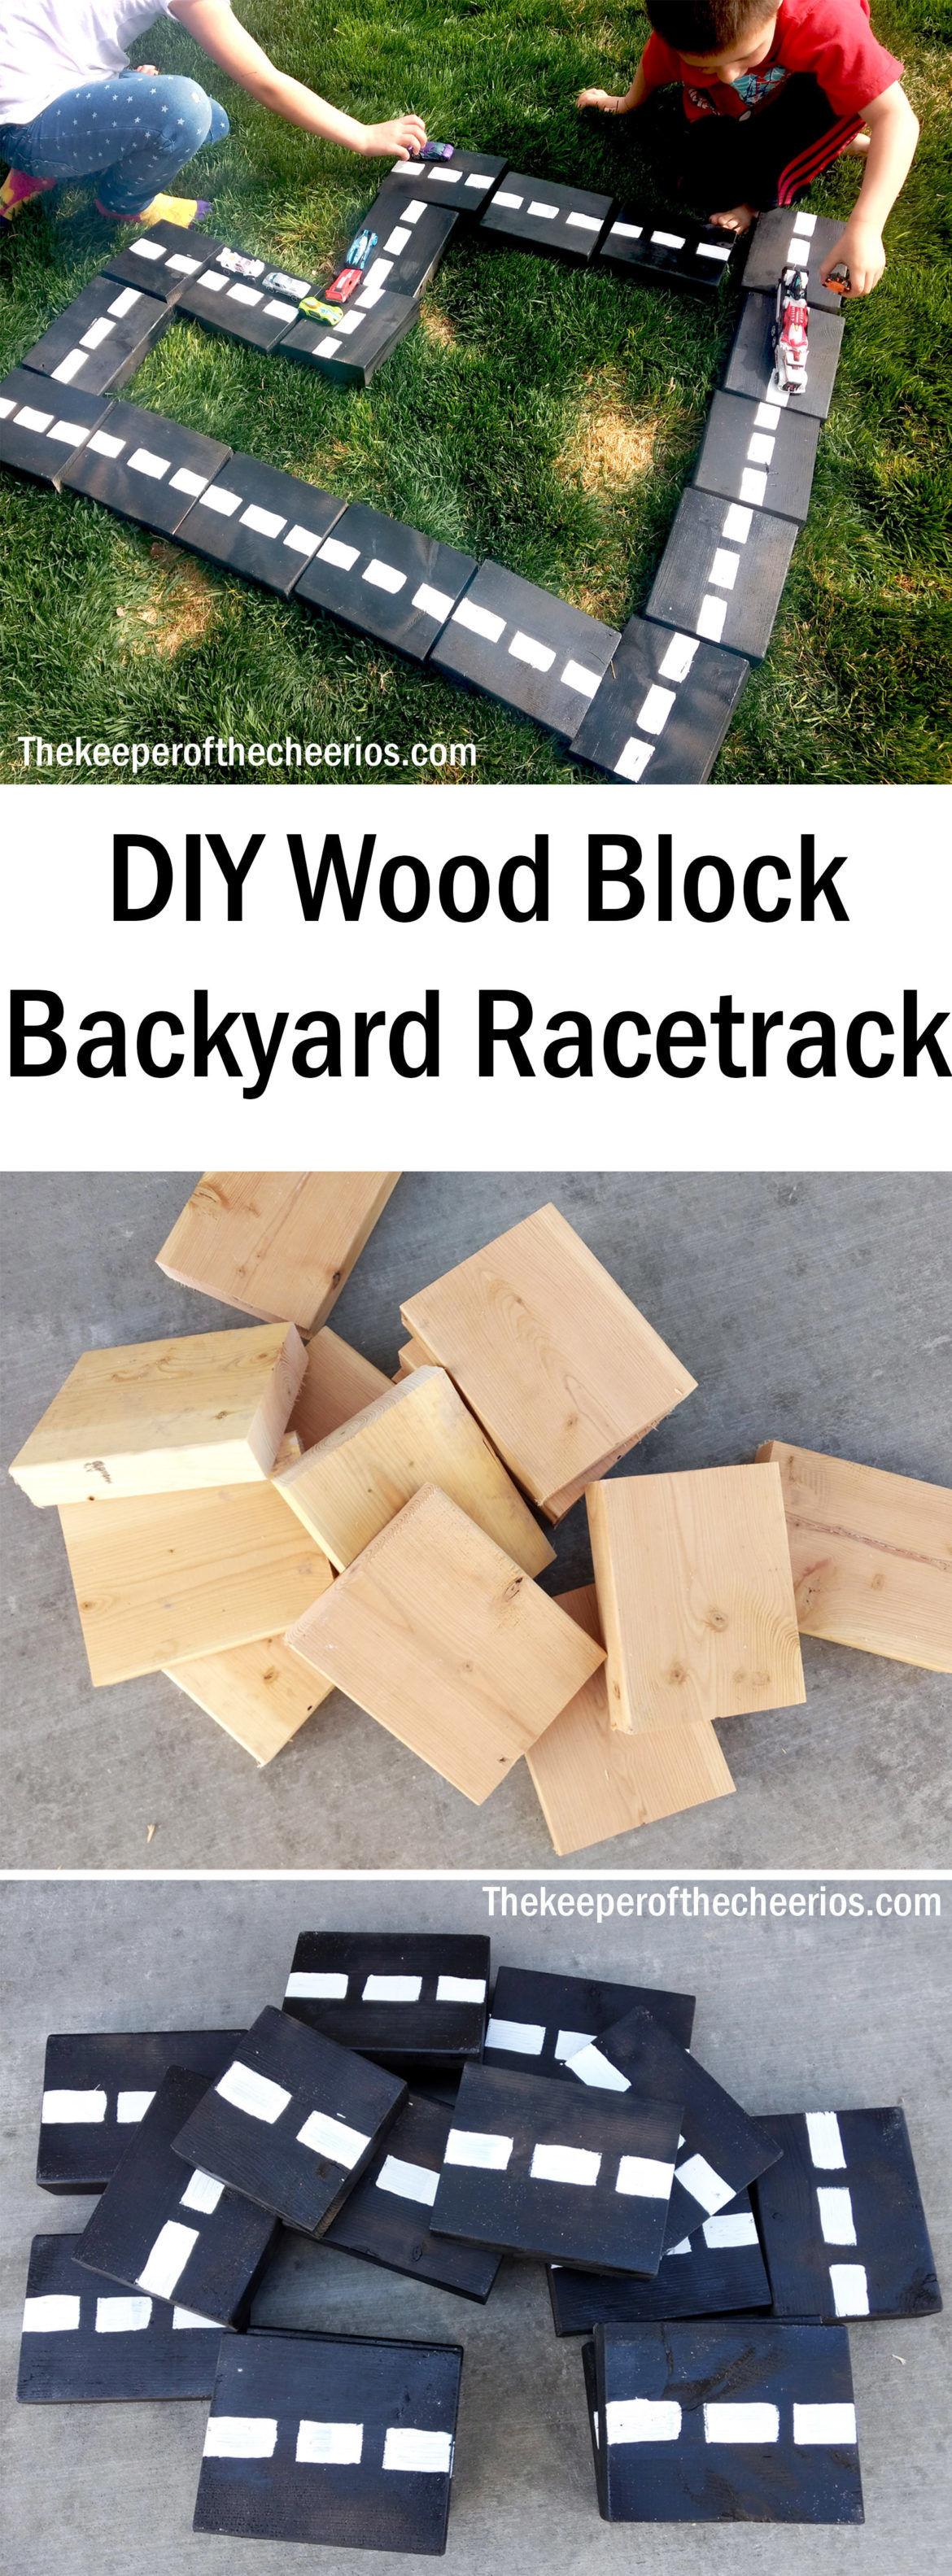 Diy Wood Block Backyard Racetrack The Keeper Of The Cheerios